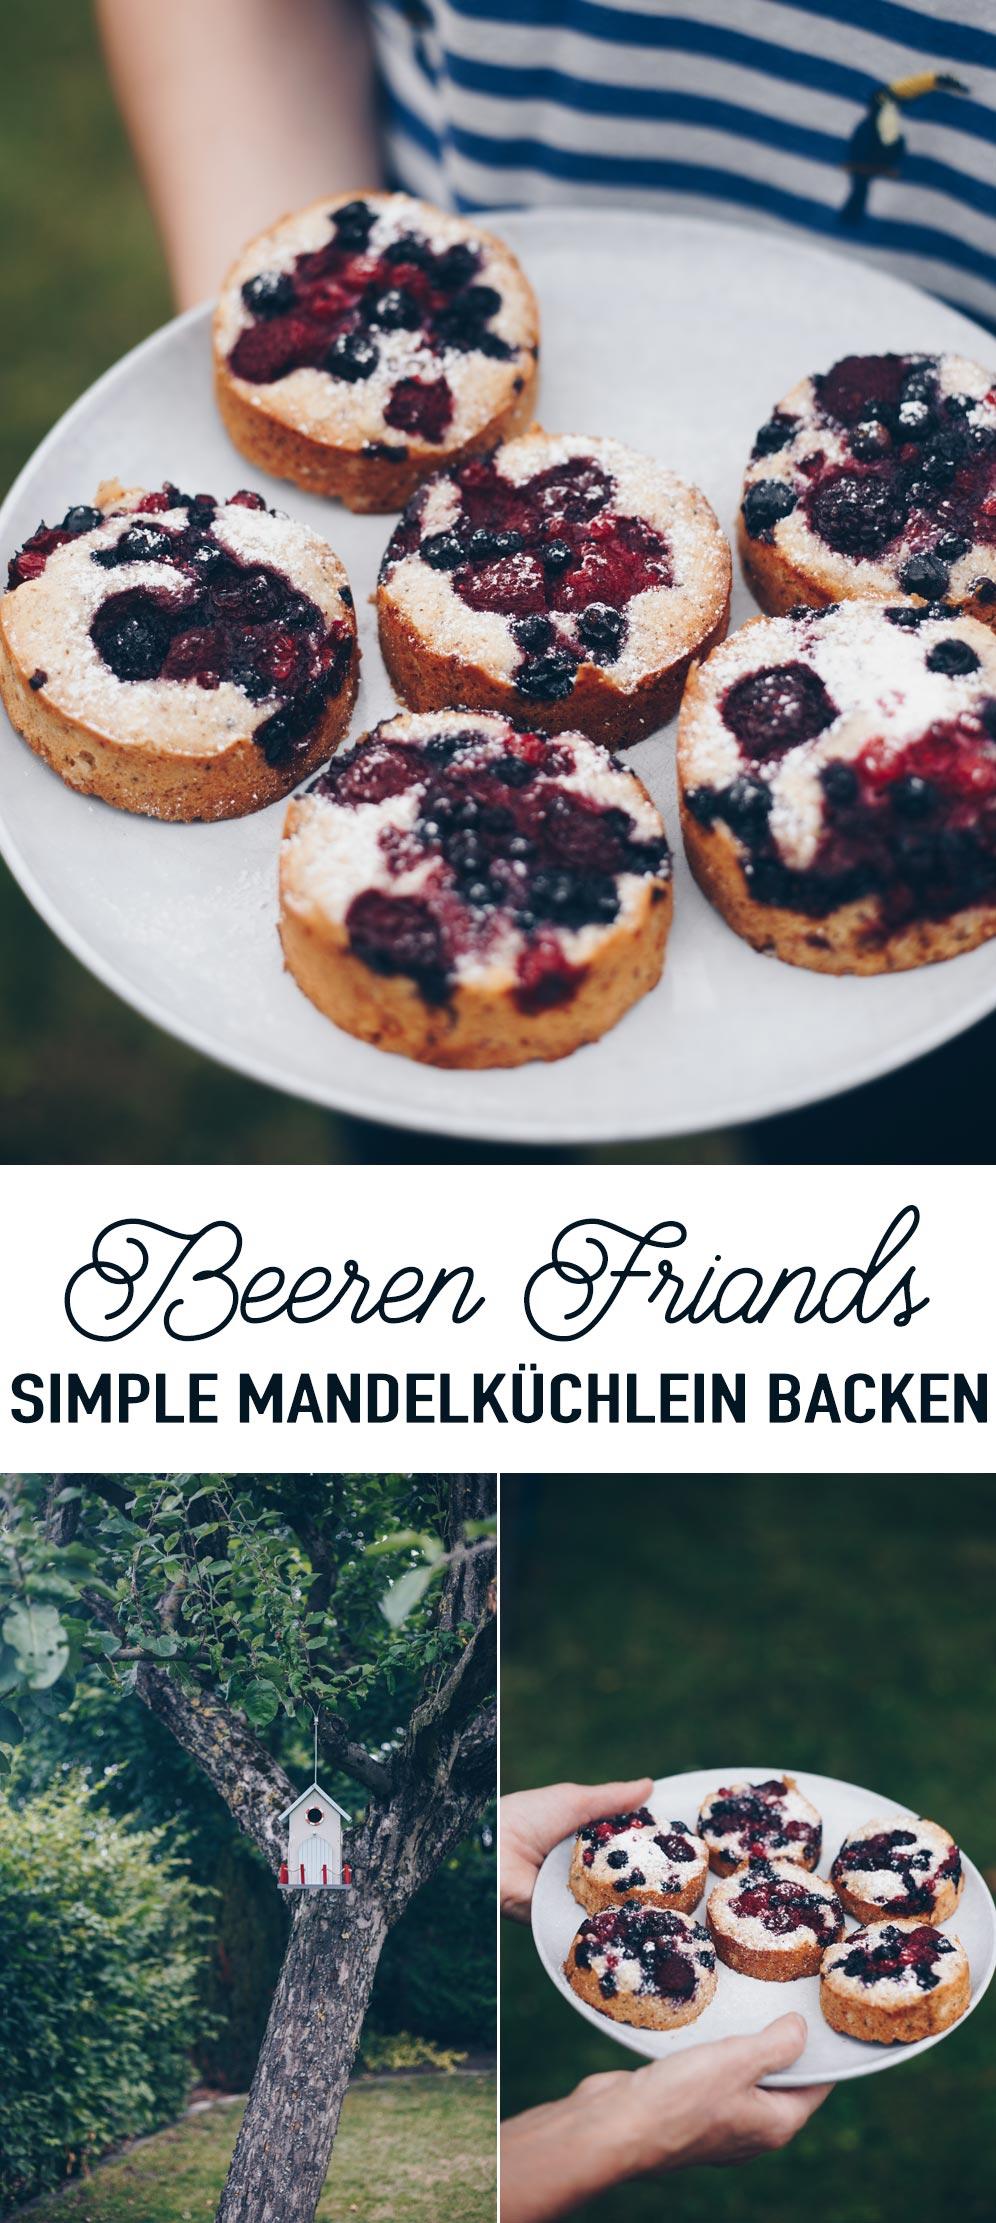 Beeren Friands - Rezept für simple Mandelküchlein